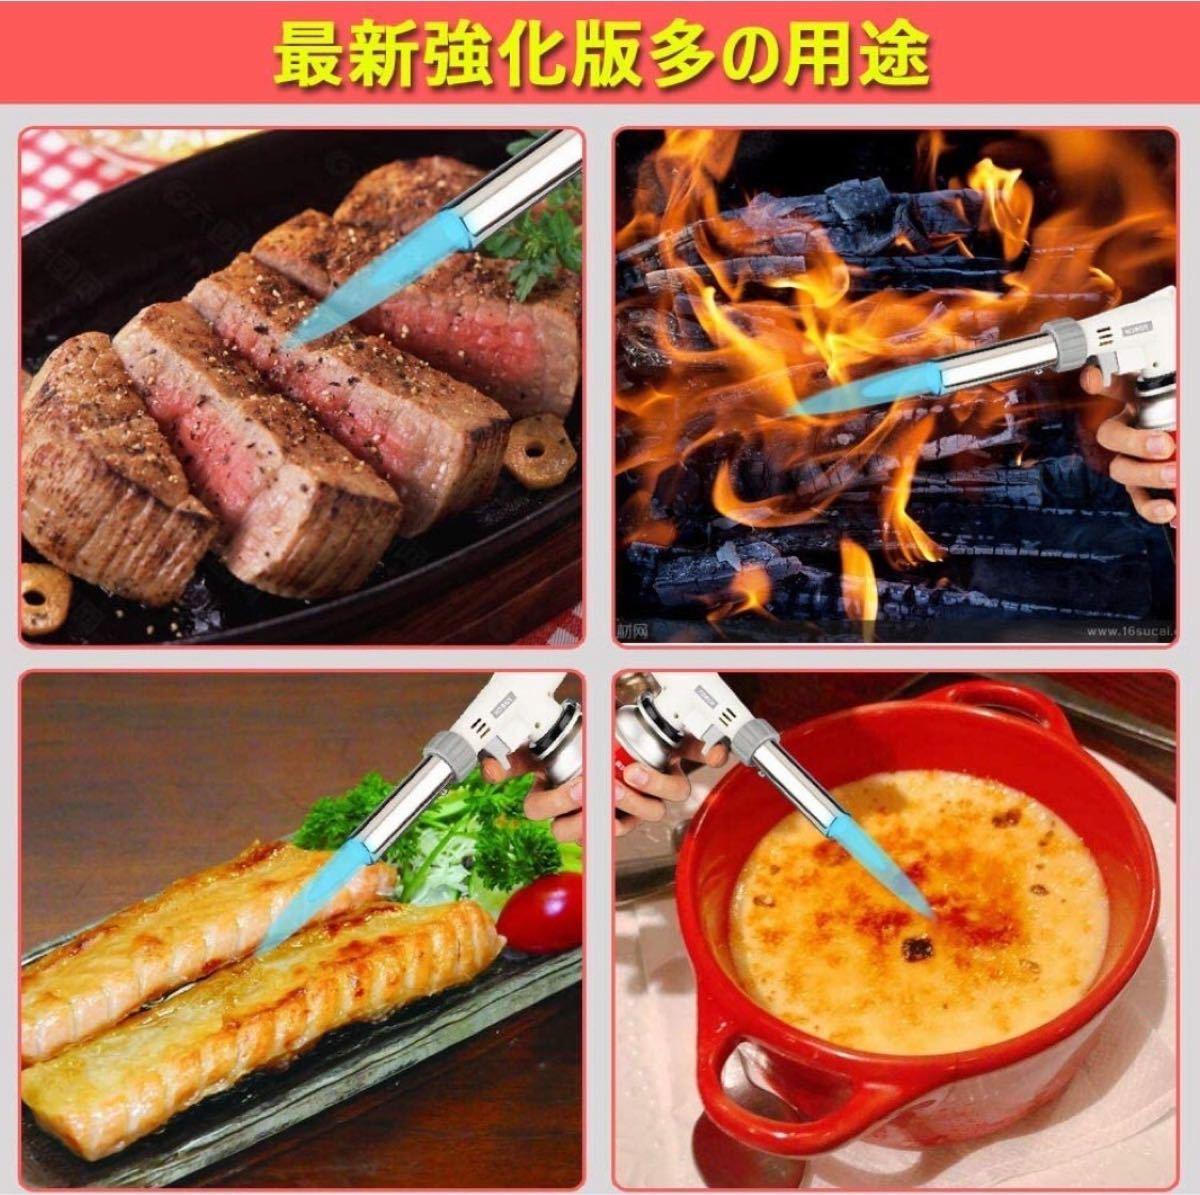 ★早い者勝ち★トーチバーナー アウトドア ガスバーナー 料理用 トーチ BBQ 料理 キャンプ